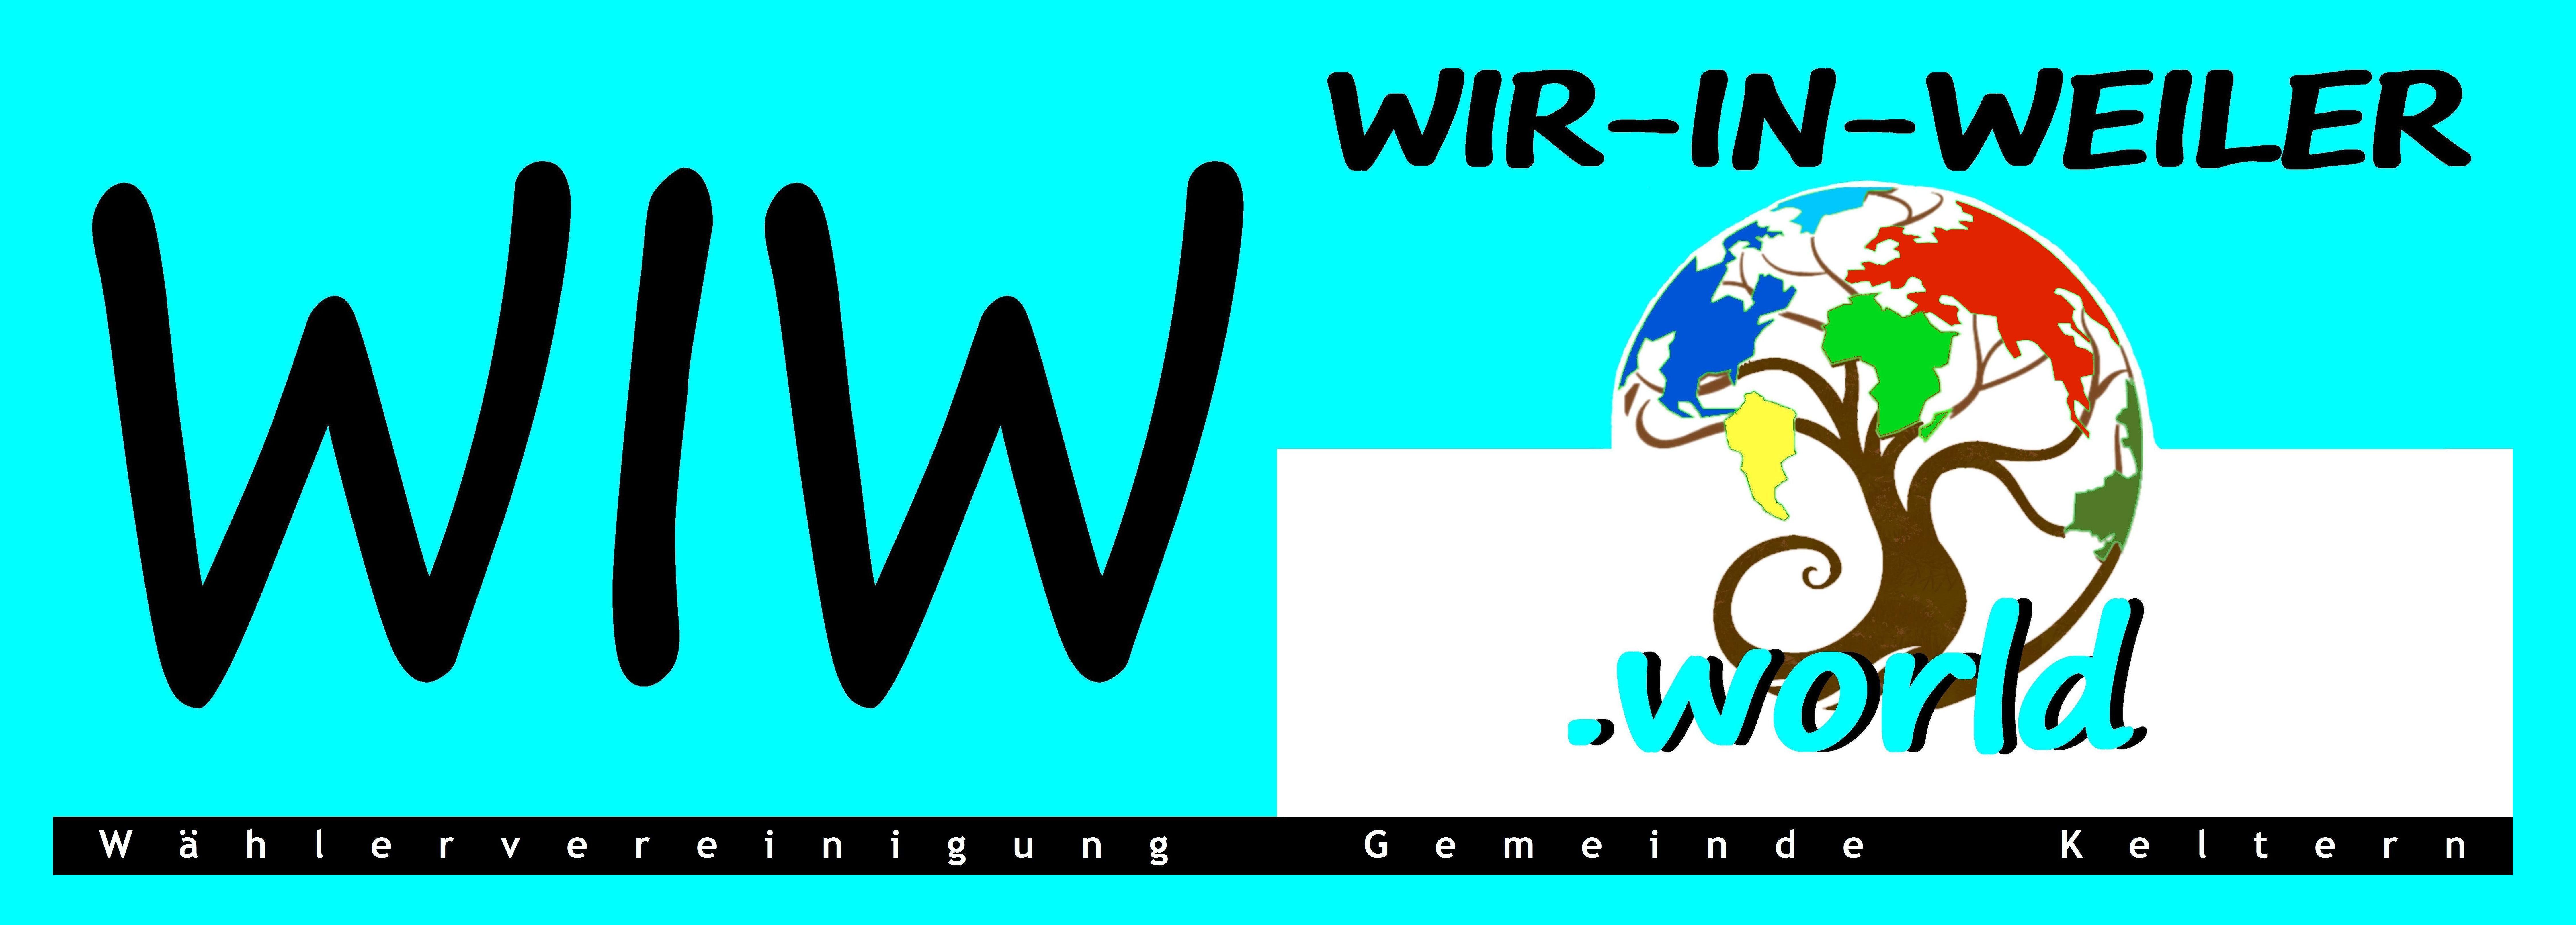 WIW WIR-IN-WEILER